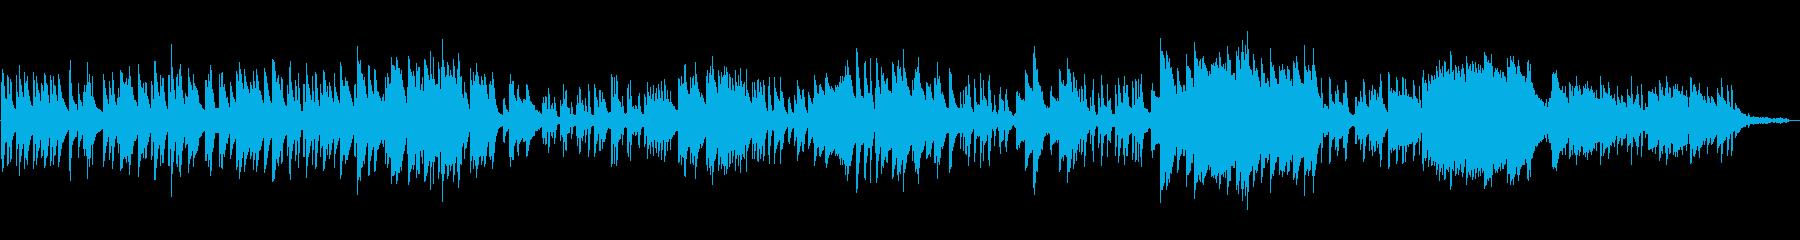 森に迷い込んだようなピアノ曲の再生済みの波形